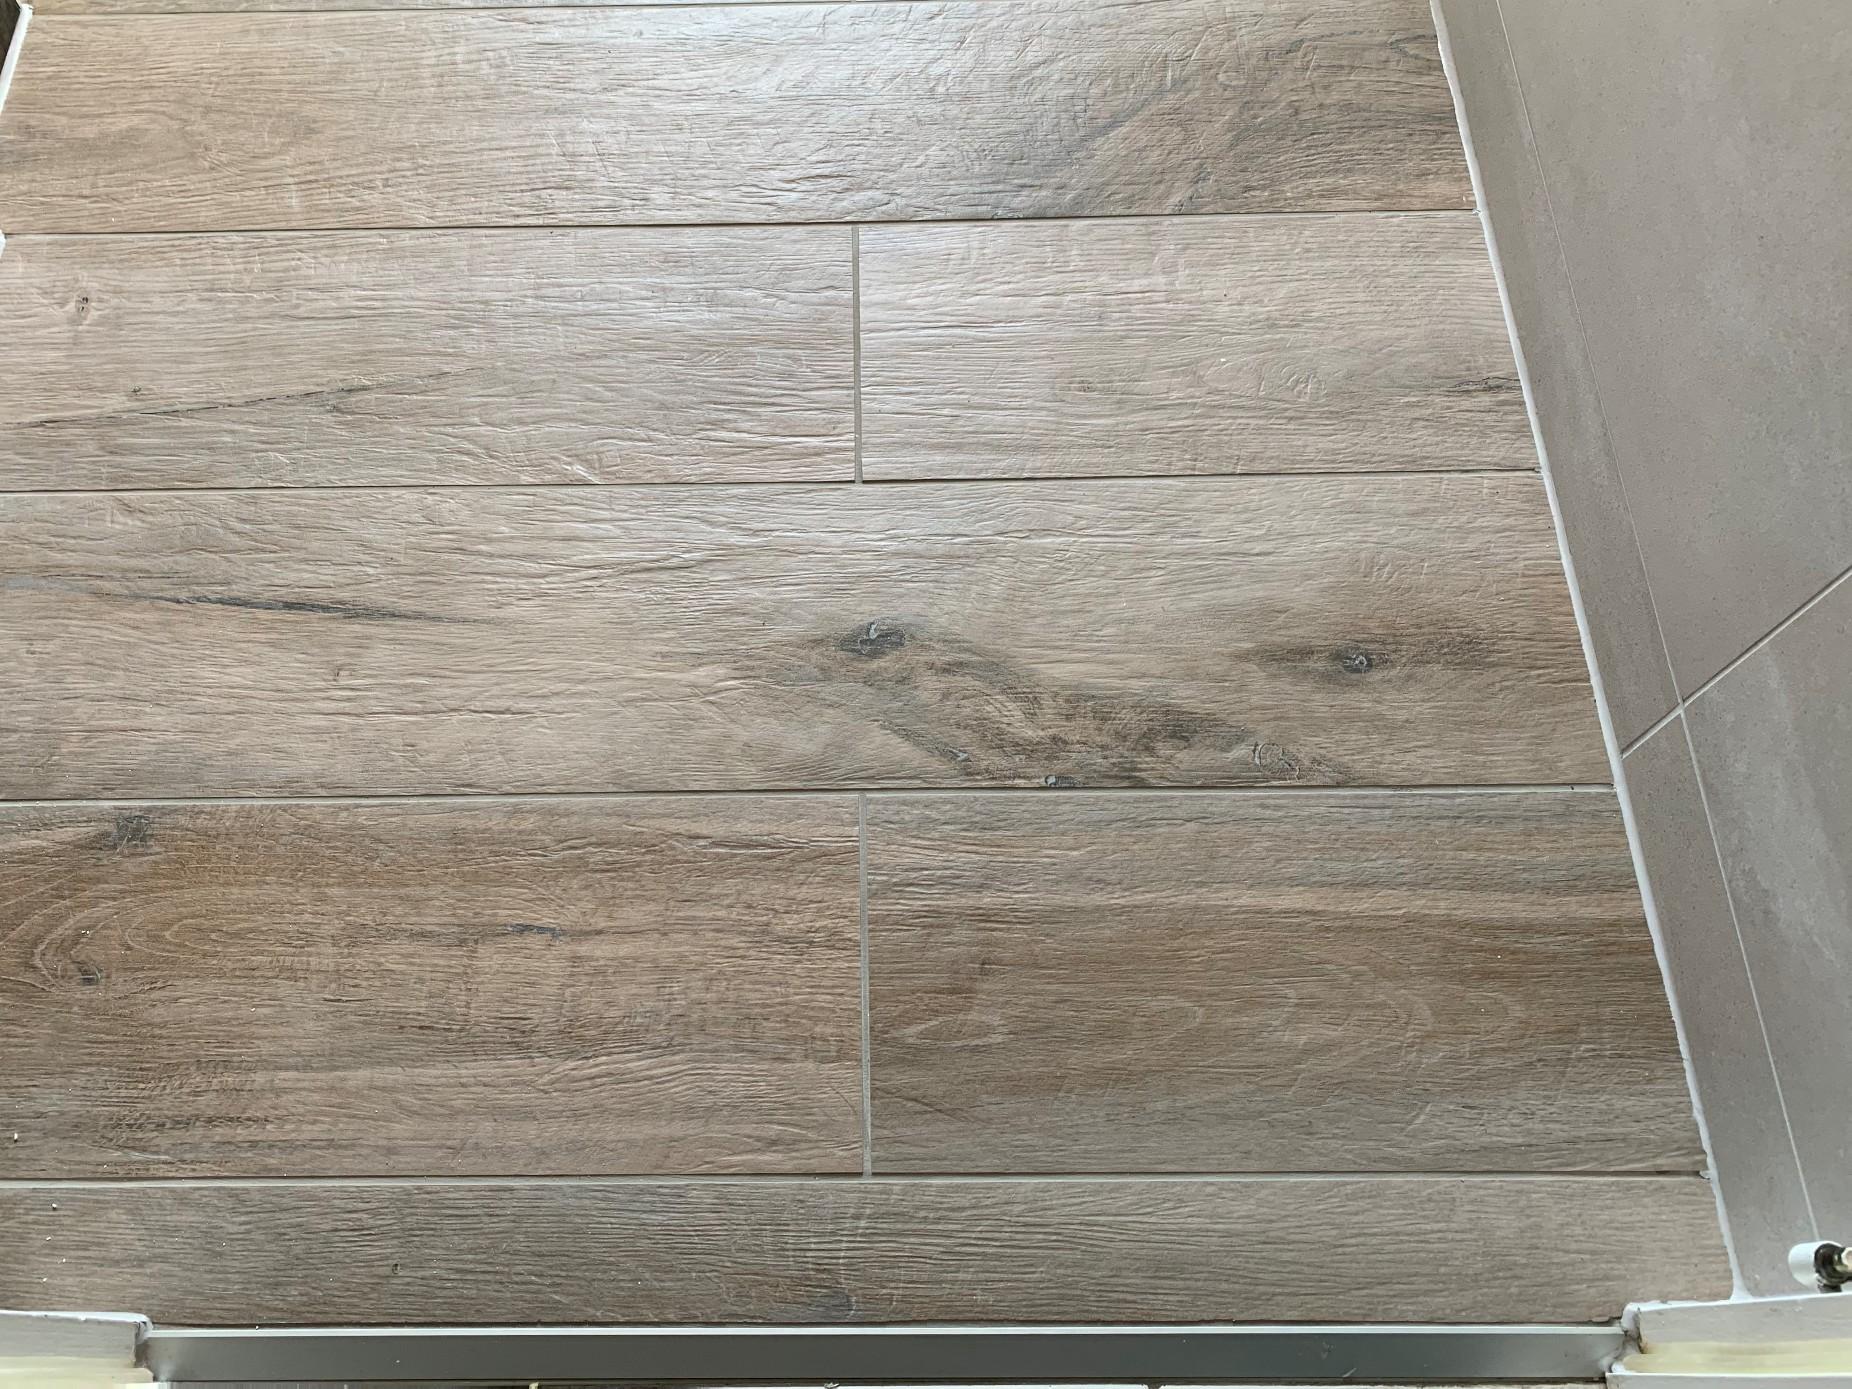 on pose le nouveau carrelage façon bois au sol et aux murs